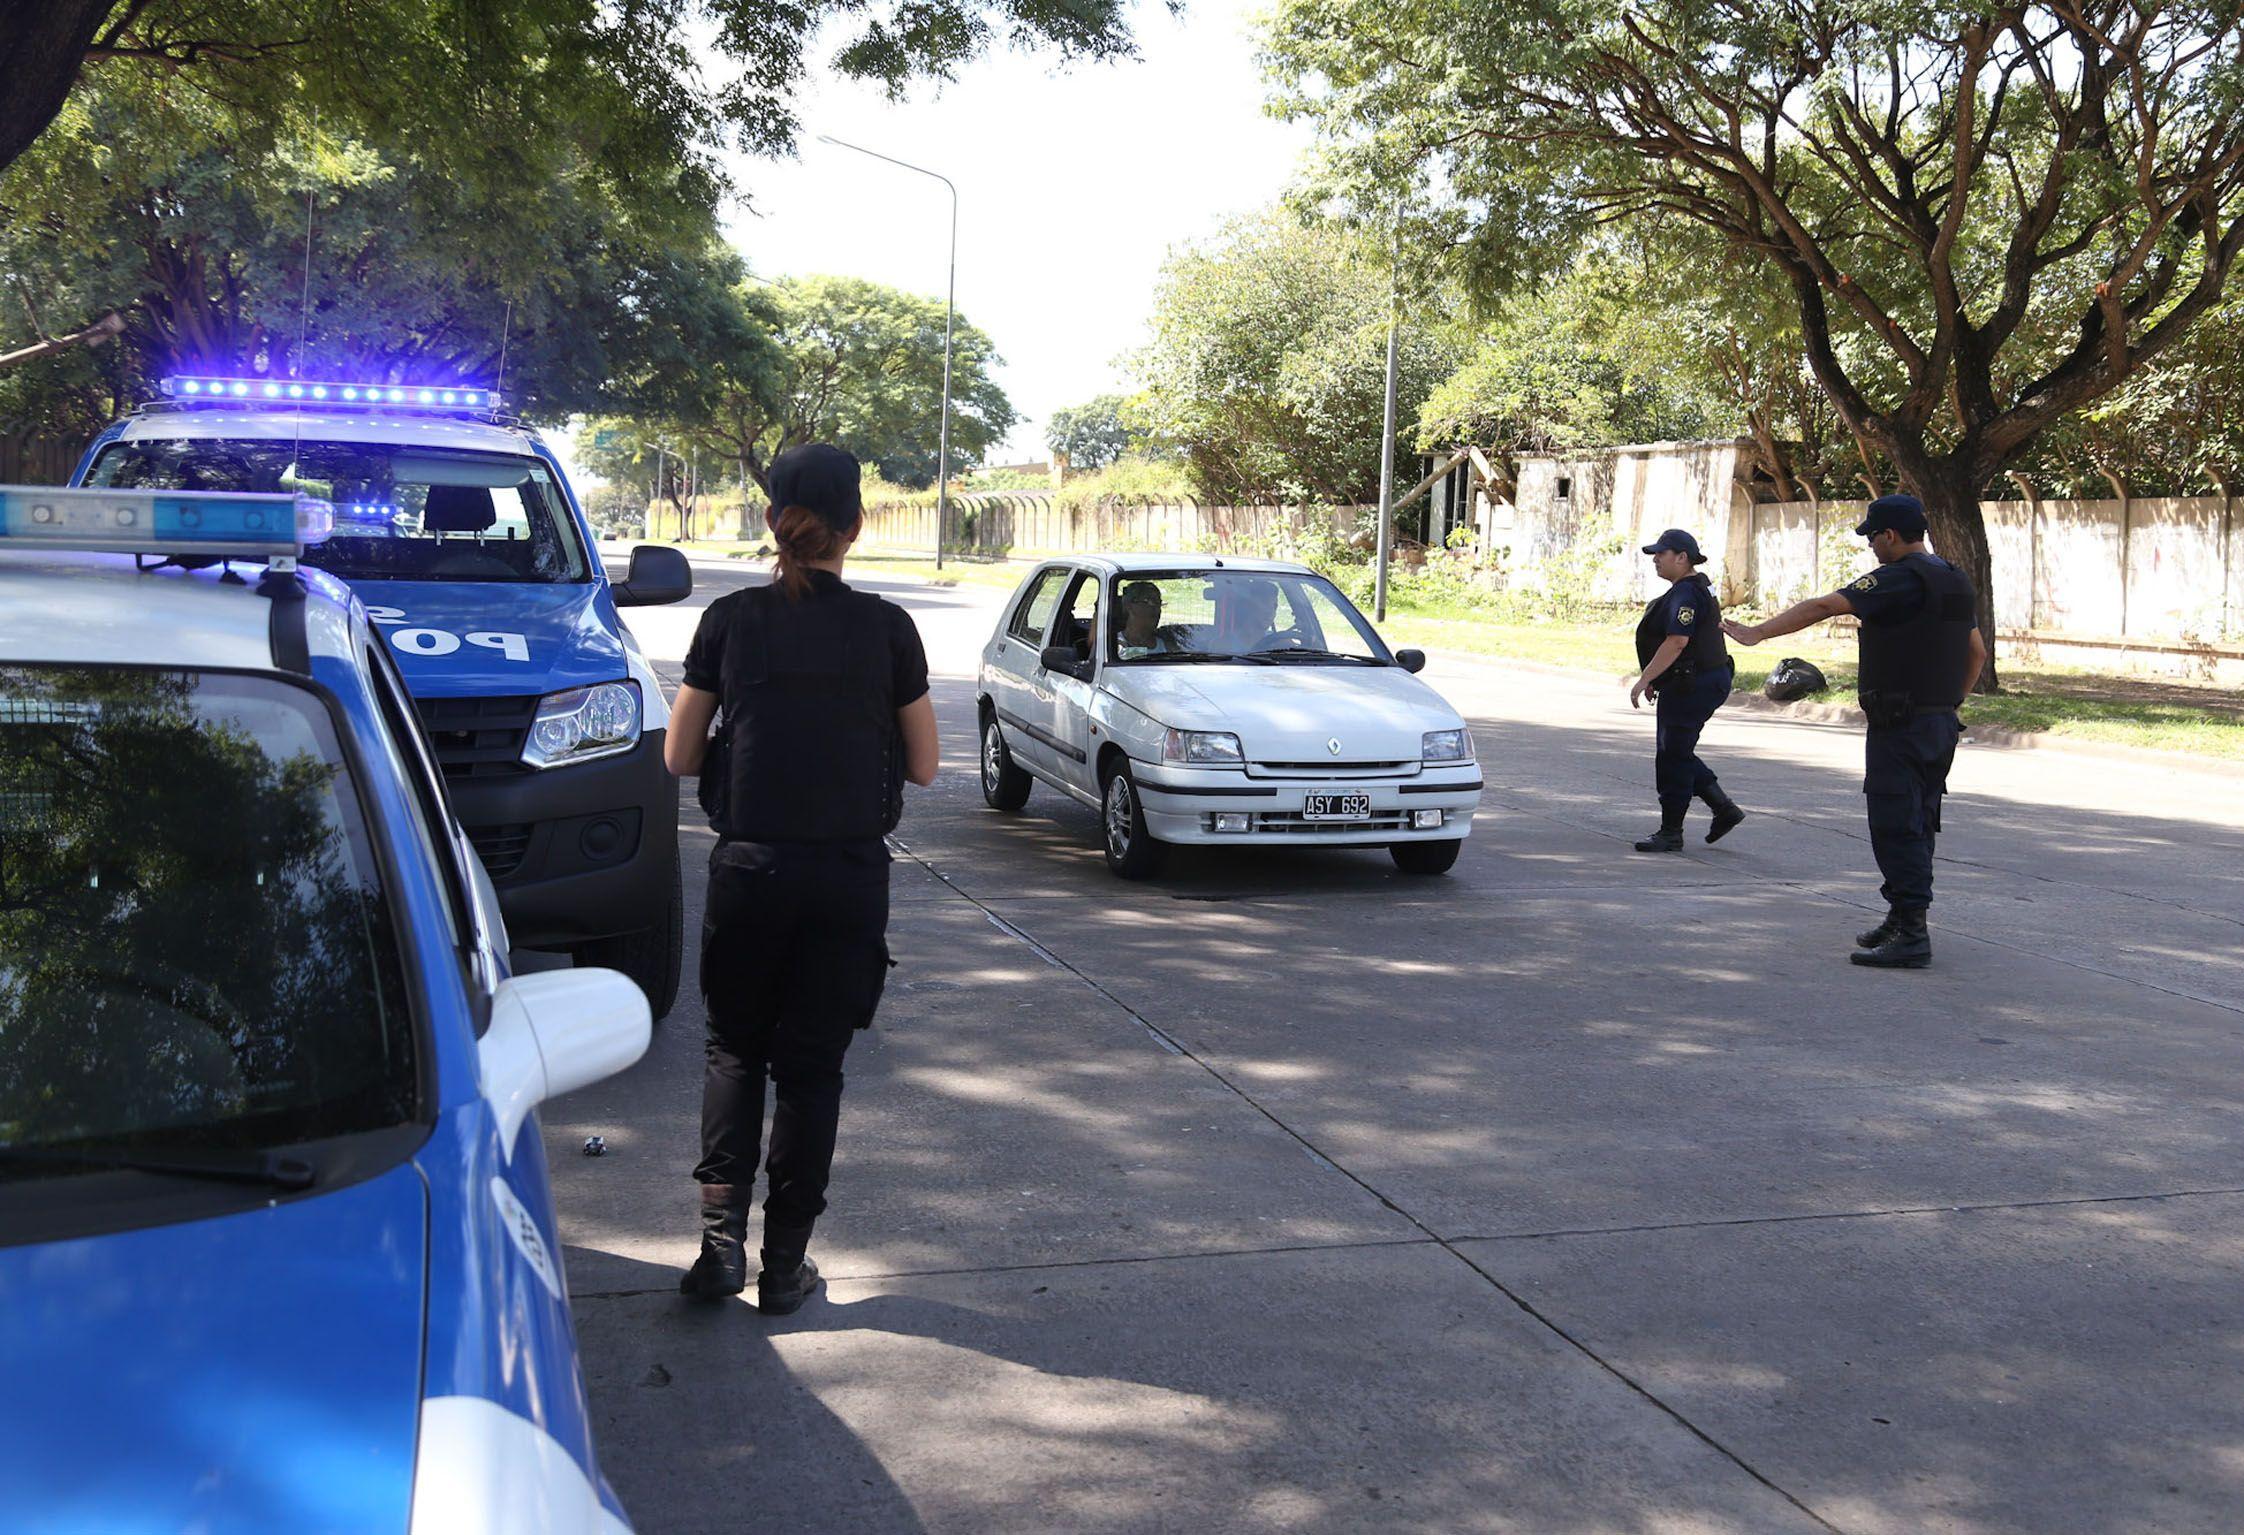 custodiados. Los efectivos de la policía provincial se vienen desplegando en los barrios Tablada